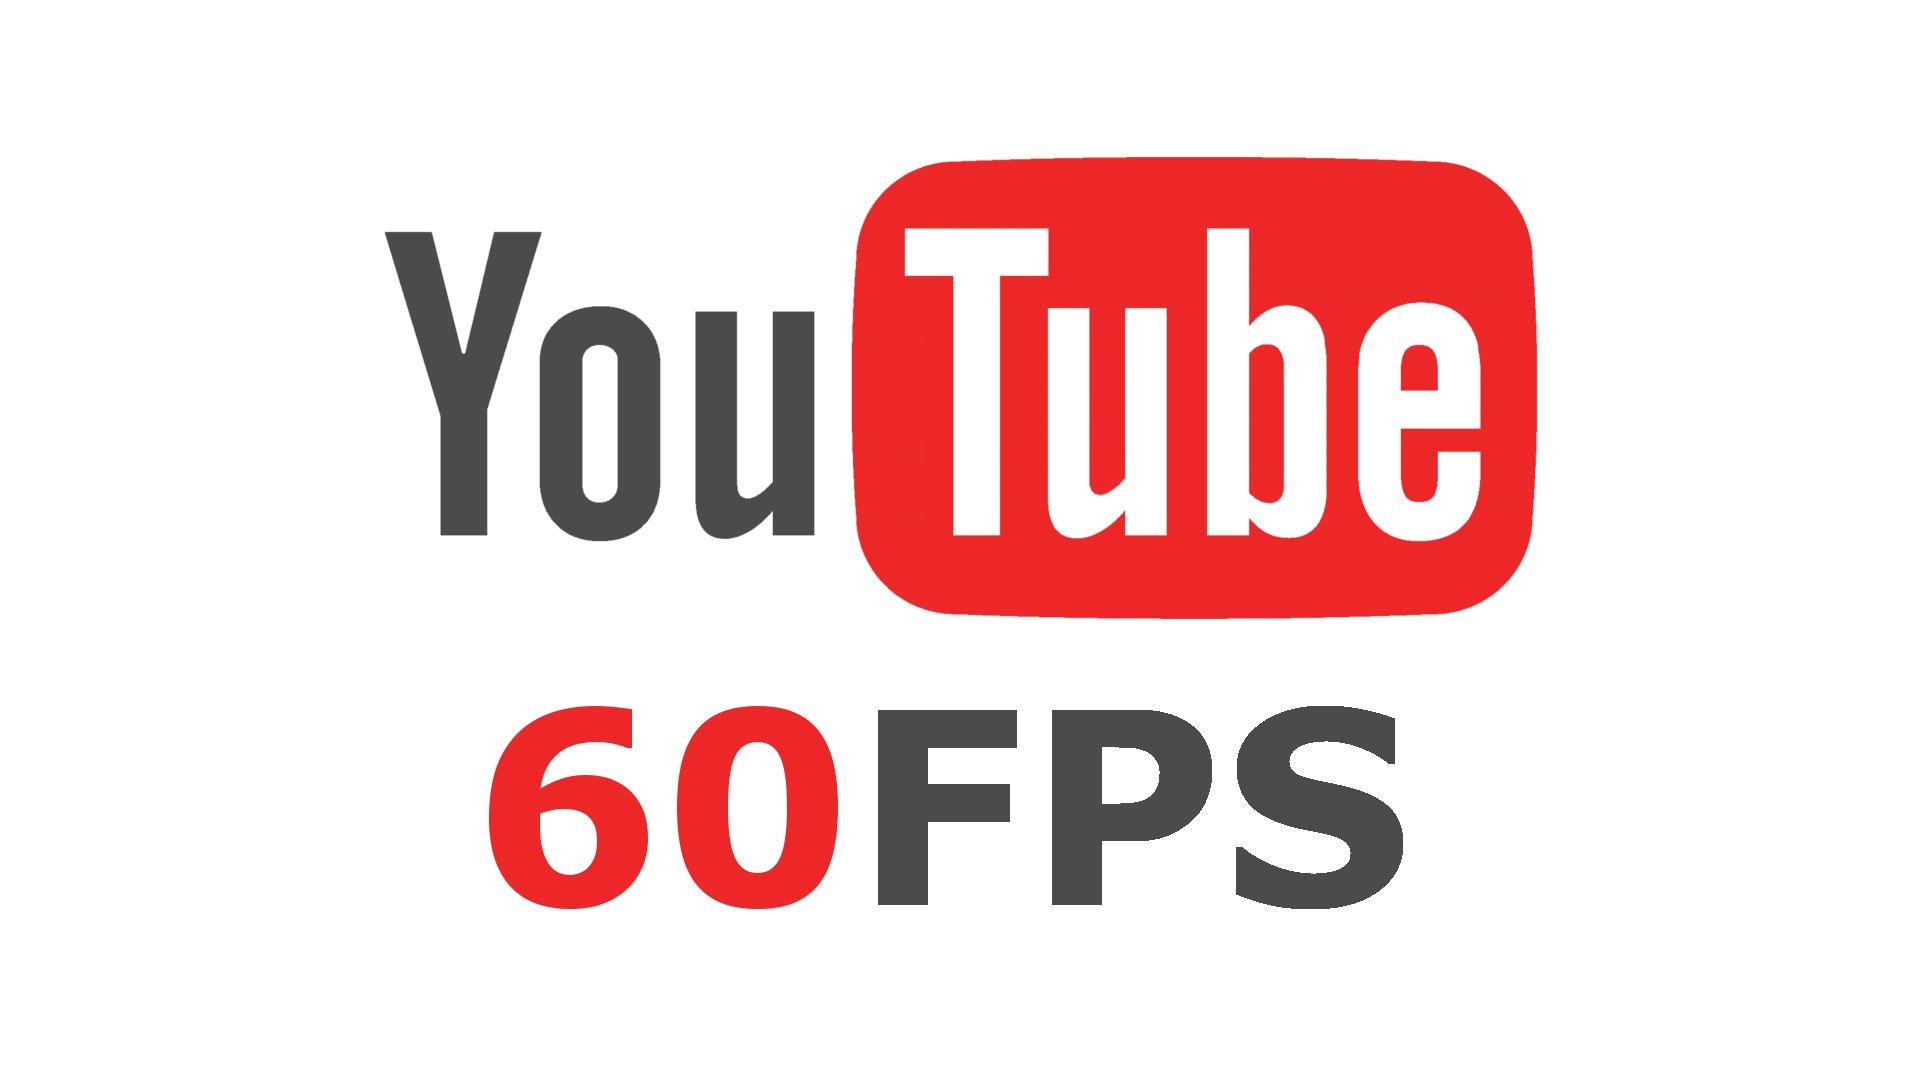 youtube 60 fps 1200